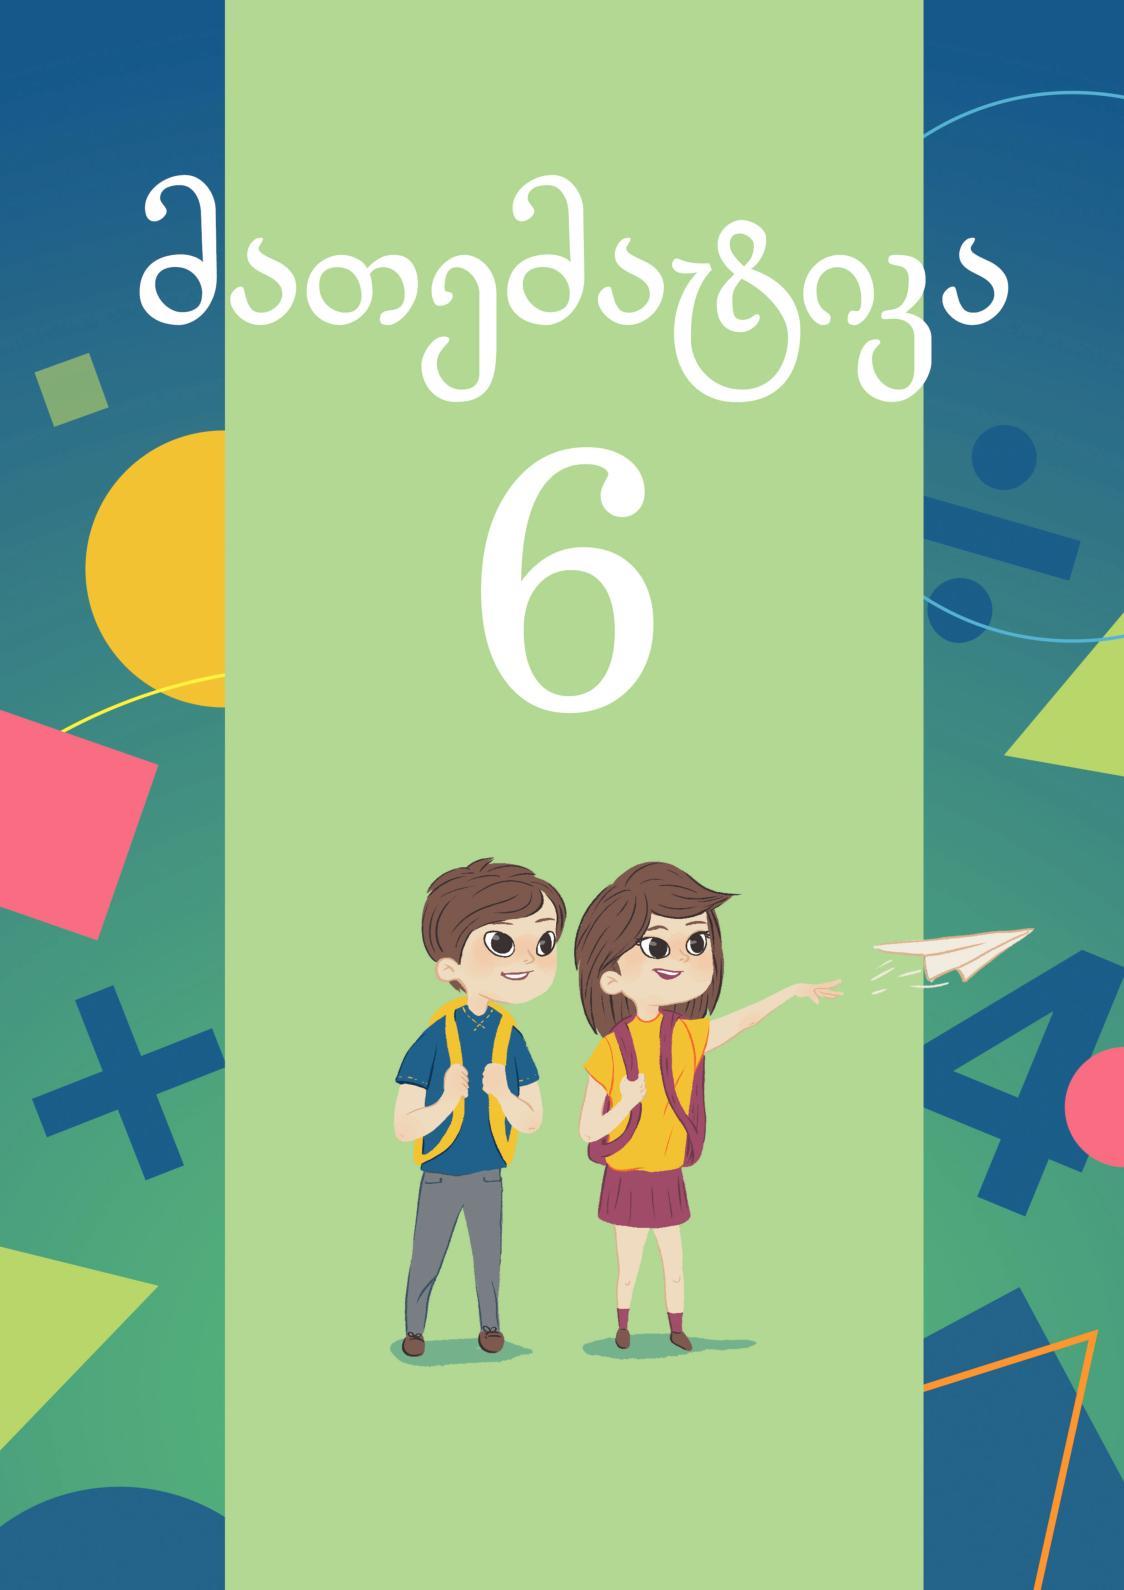 №6(მოსწავლის წიგნი)